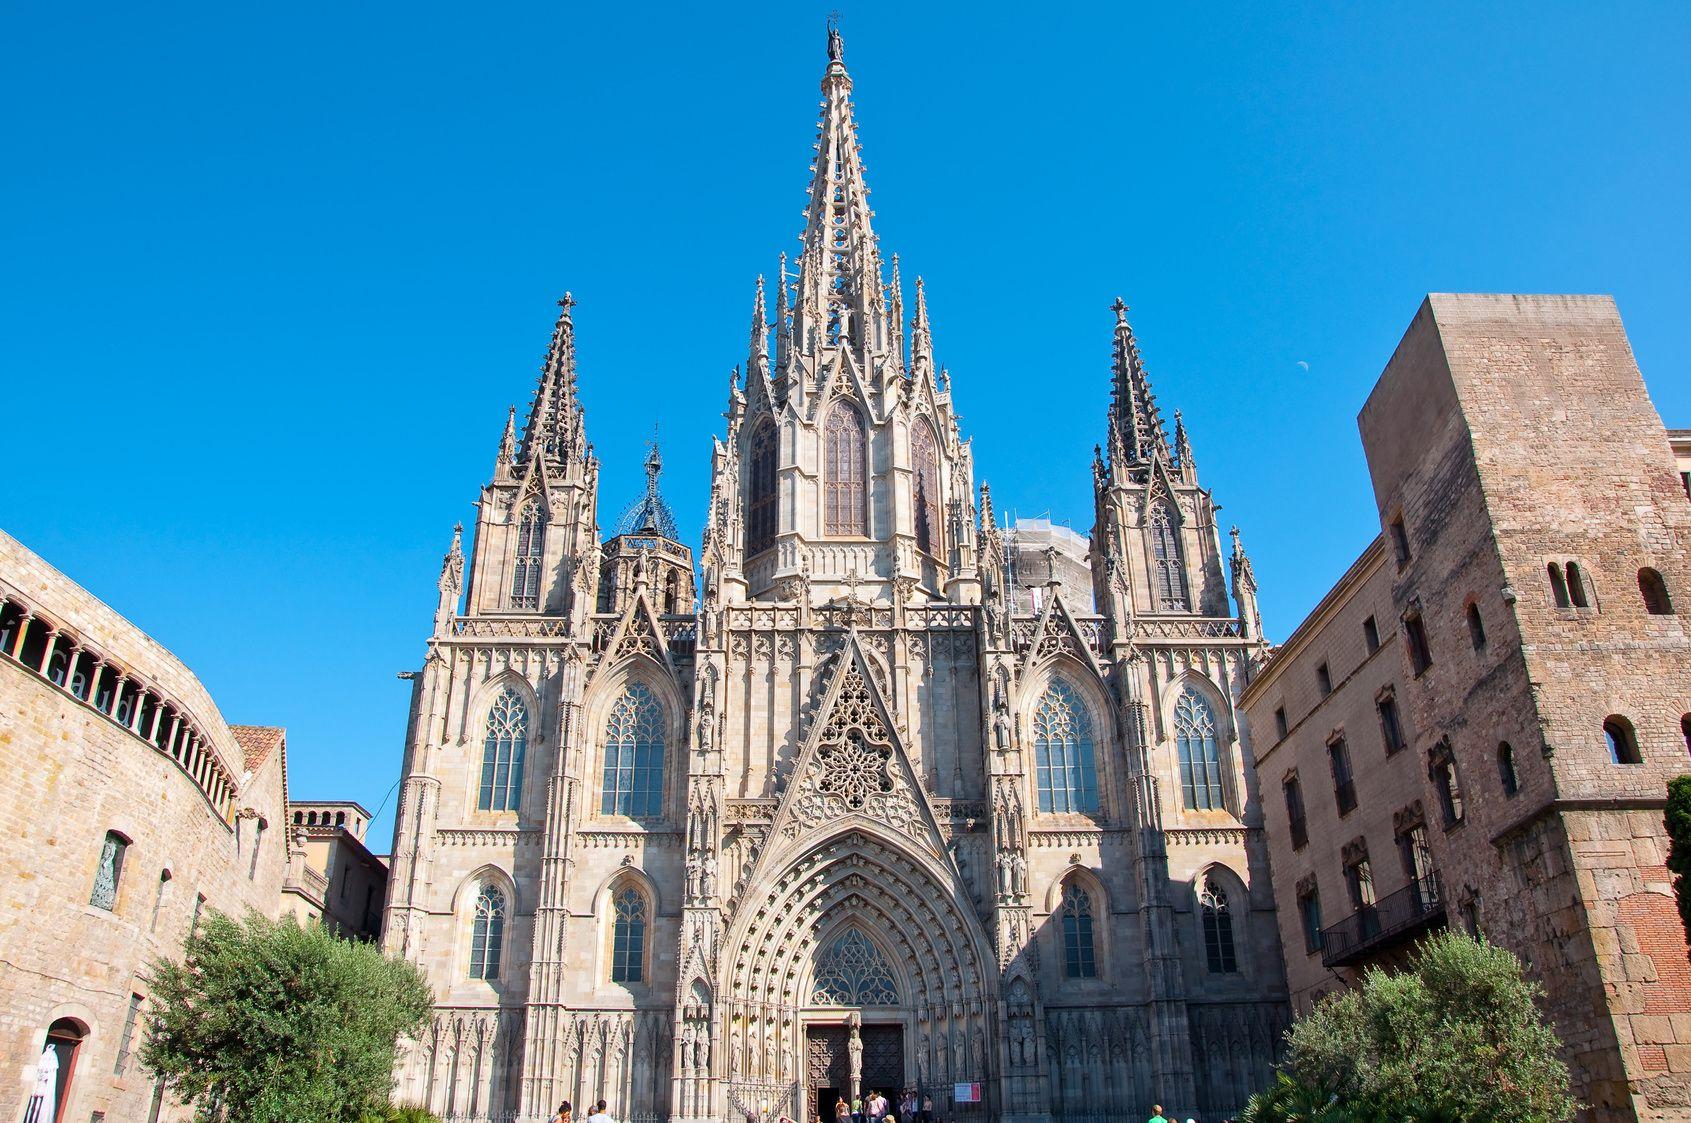 HD_Barcelona Fotolia_44618431_M.jpg